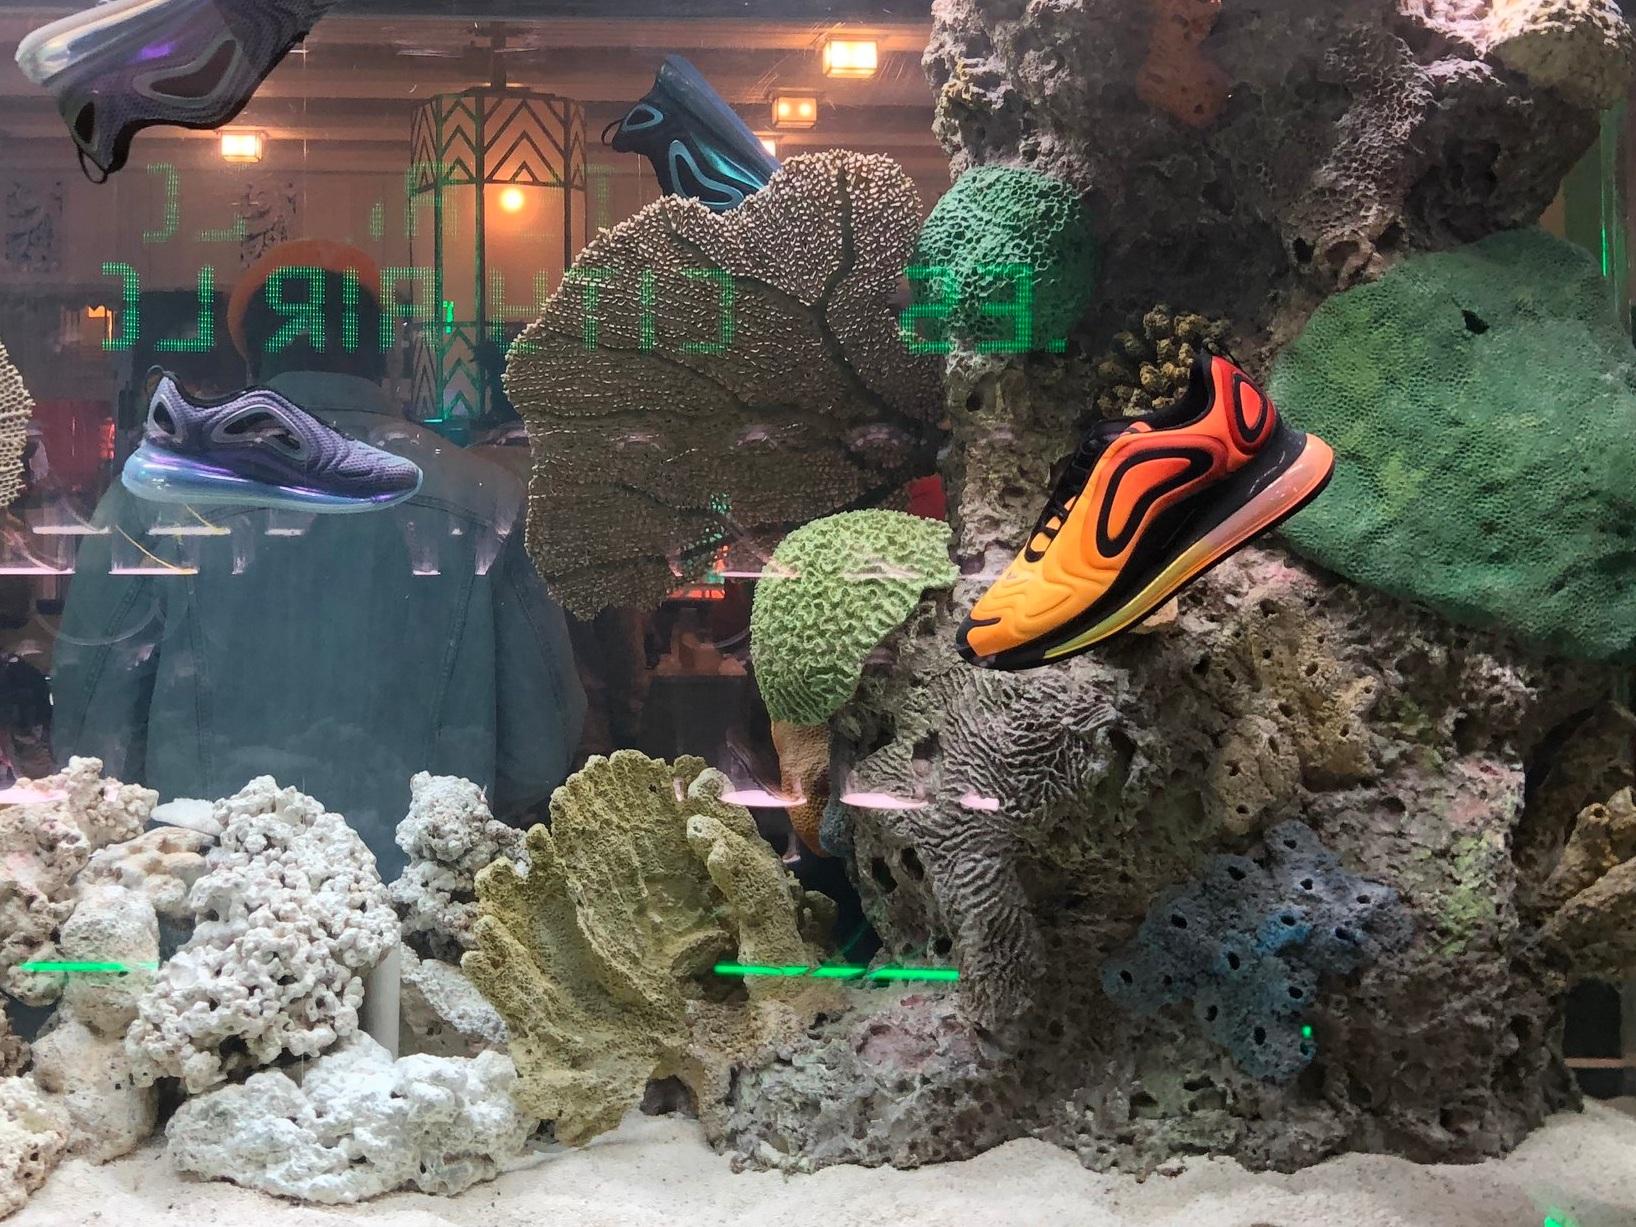 Fish tank of sneakers.